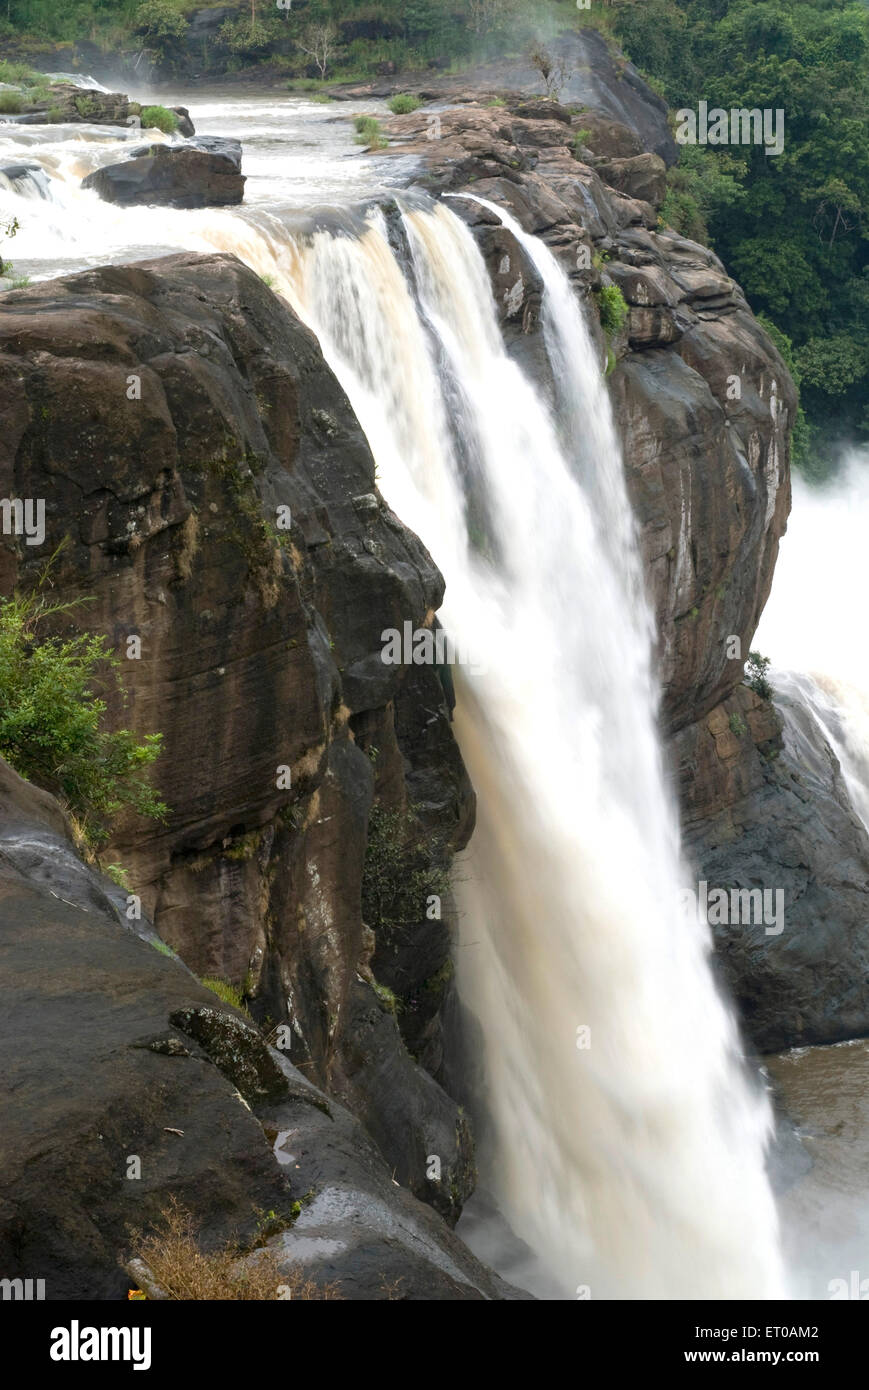 Athirappally waterfalls near Chalakkudy ; Kerala ; India - Stock Image